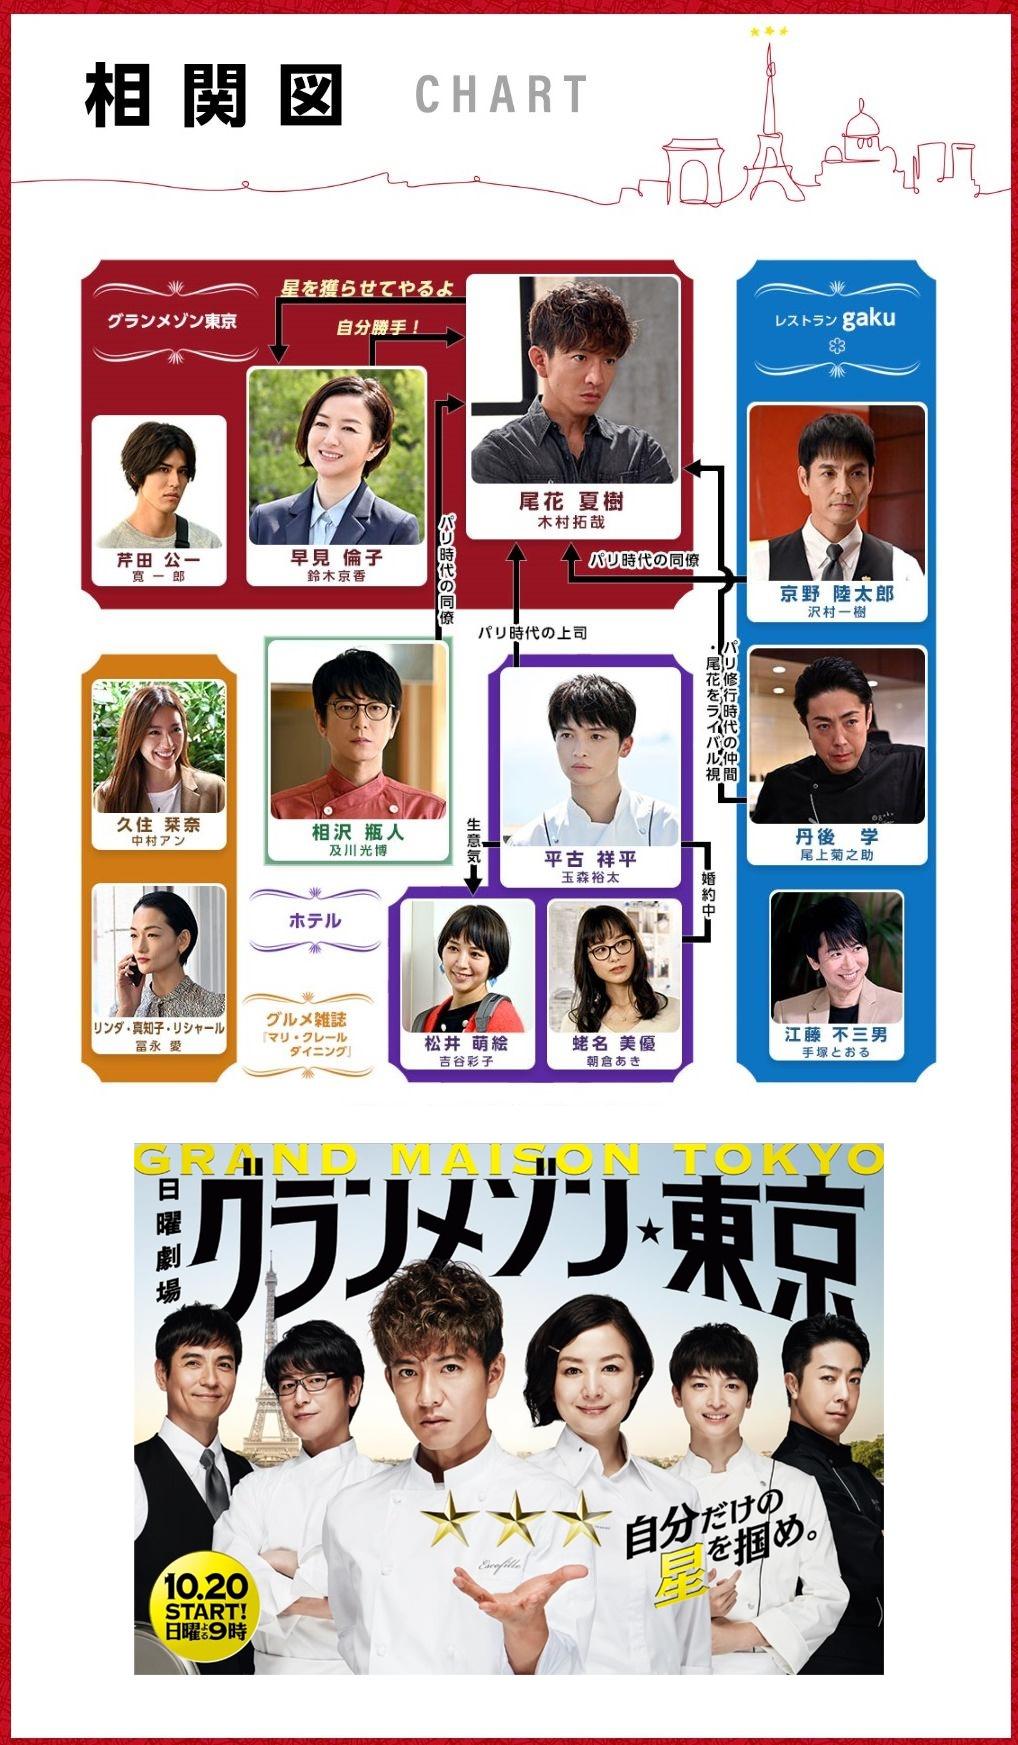 動画 グランメゾン東京 9話 グランメゾン東京 動画を9話も無料見逃し配信でフル視聴